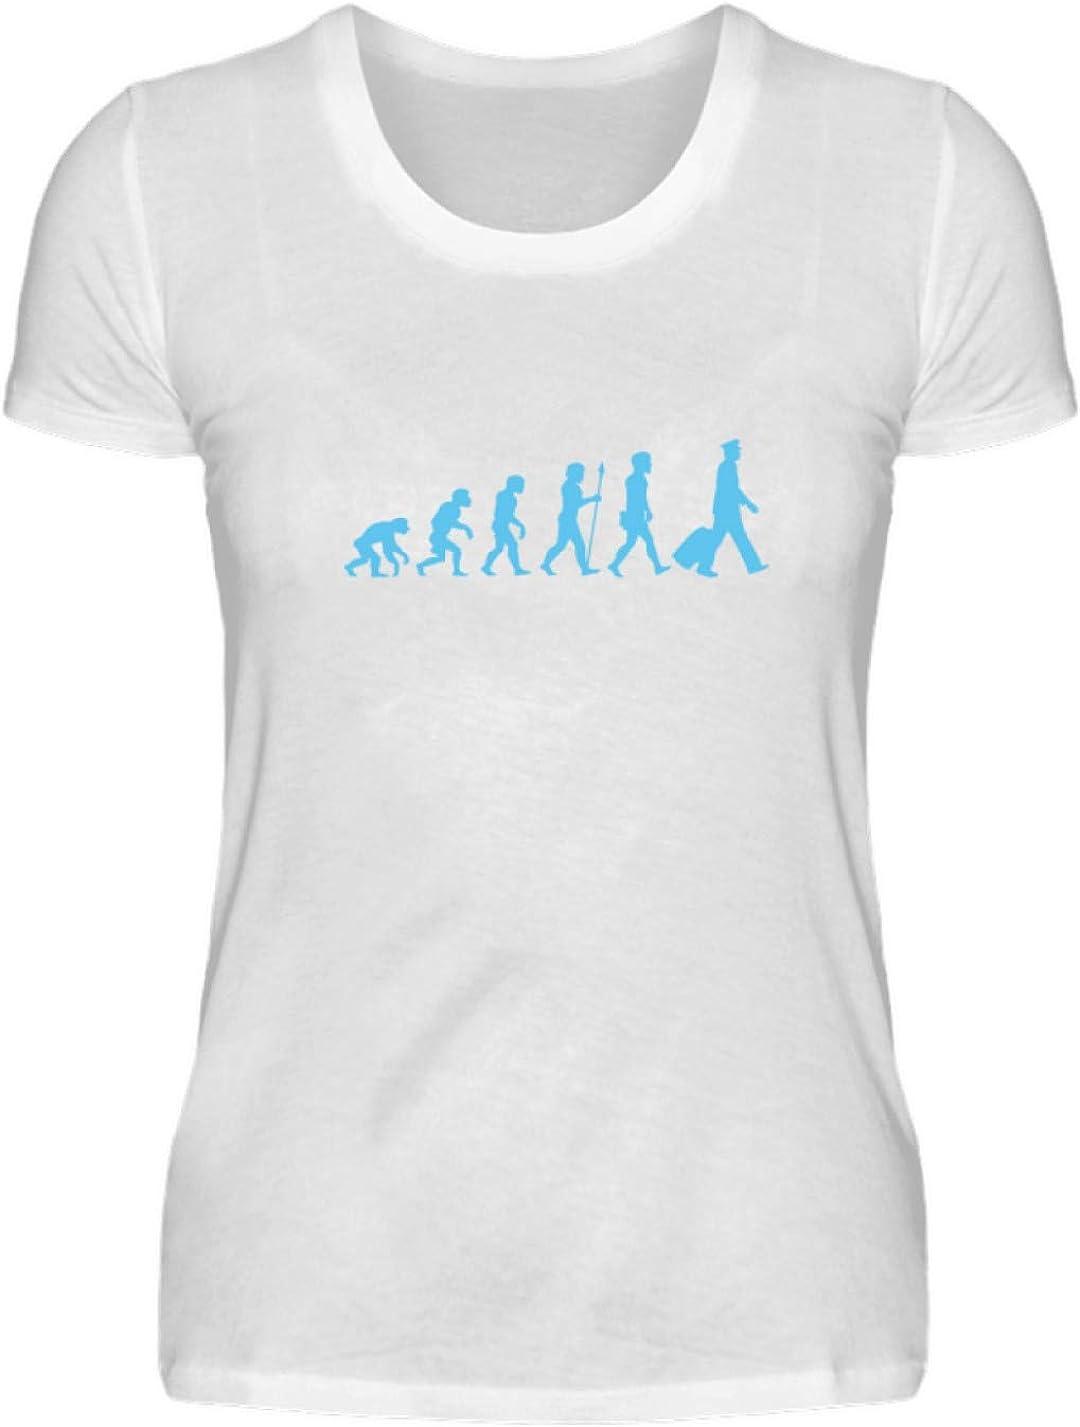 La Evolución del Piloto - Nómade - Viajar por el Mundo - Wanderlust - Camisa de Damas: Amazon.es: Ropa y accesorios